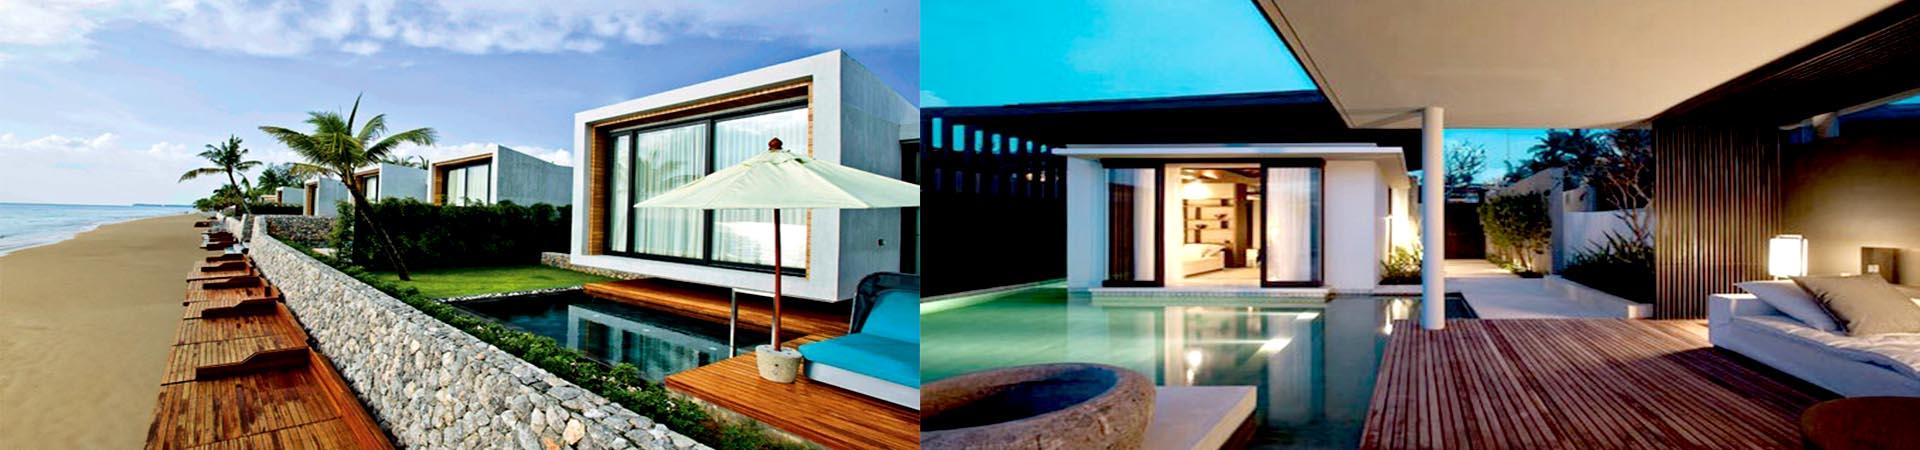 Azulverde Resort 3